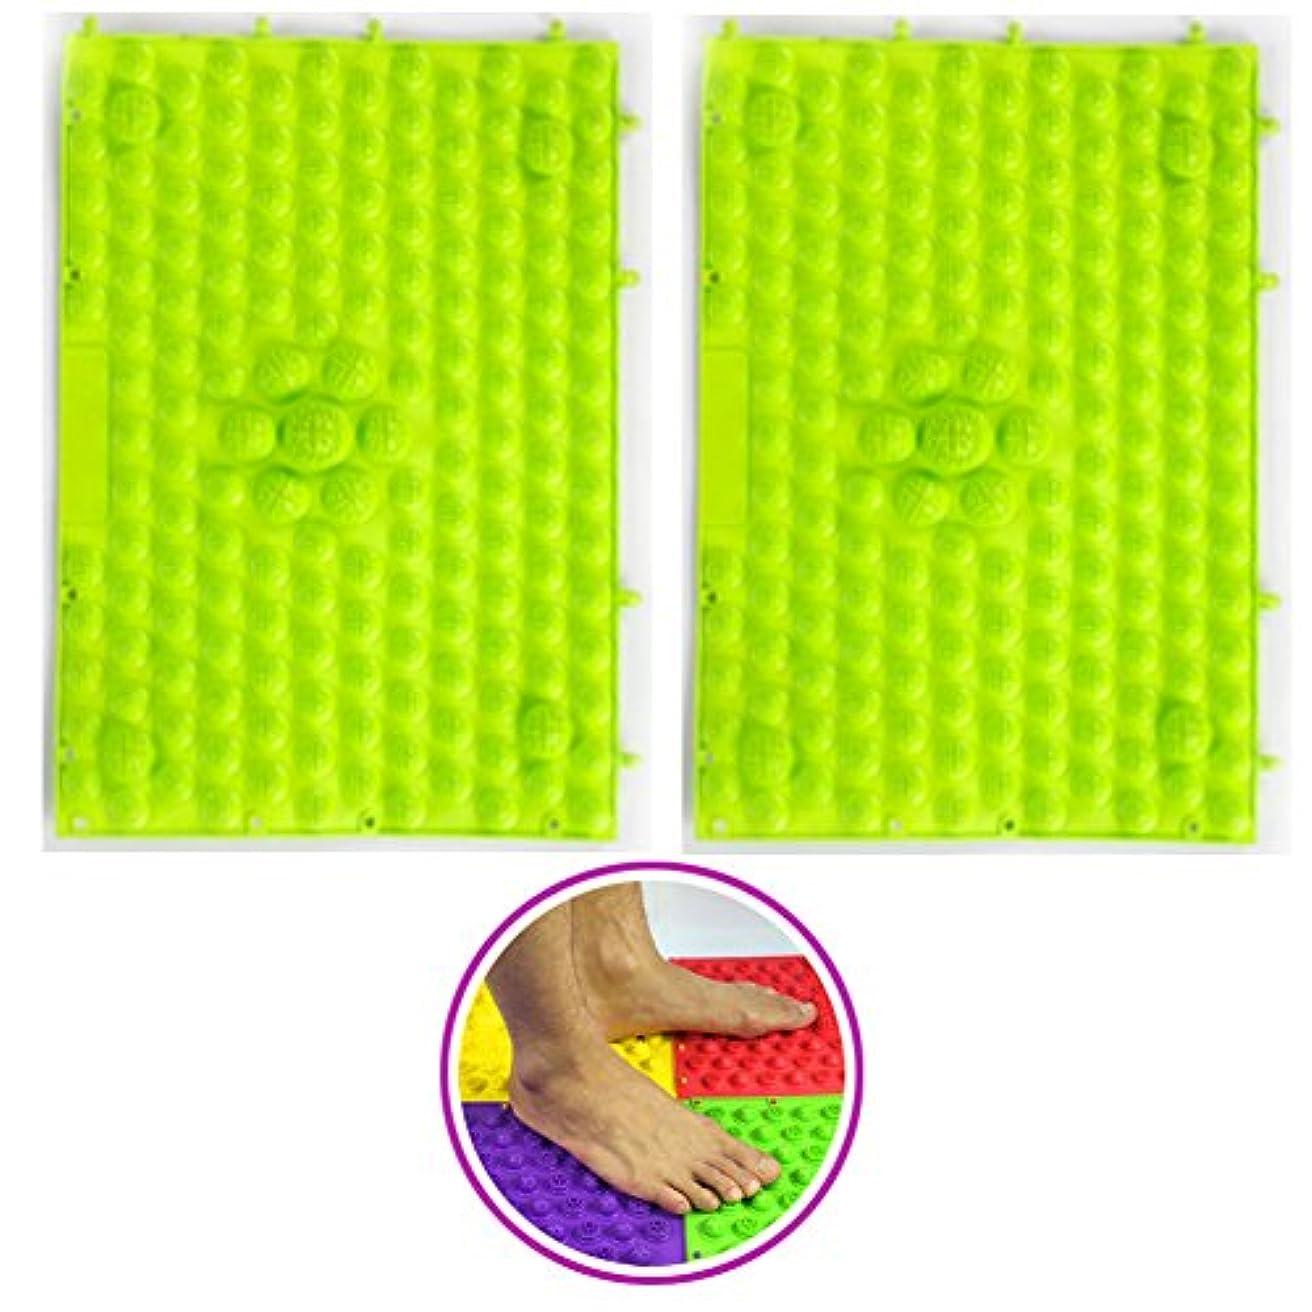 用量それる権限を与える(POMAIKAI) 足つぼマット マッサージシート 健康 ダイエット 足裏マッサージ 2枚セット(グリーン)